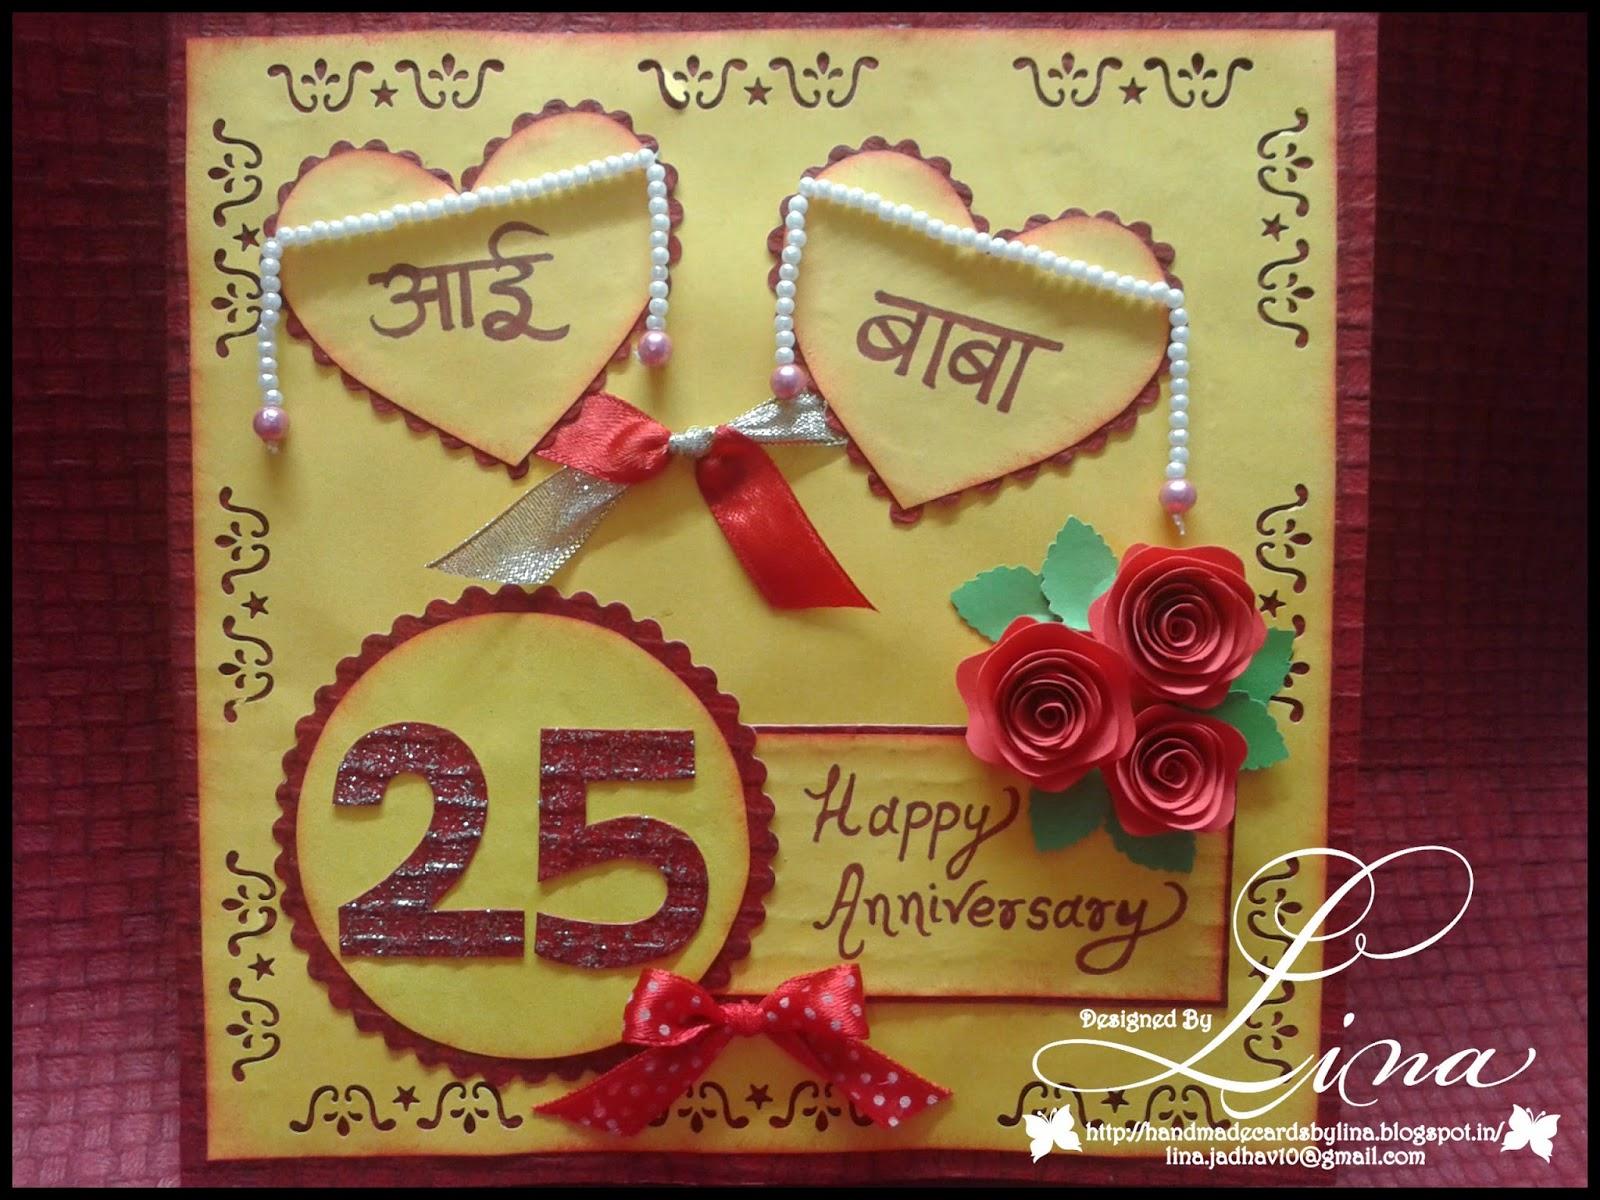 Happy Marriage Anniversary Mom Dad Wallpaper Enam Wallpaper